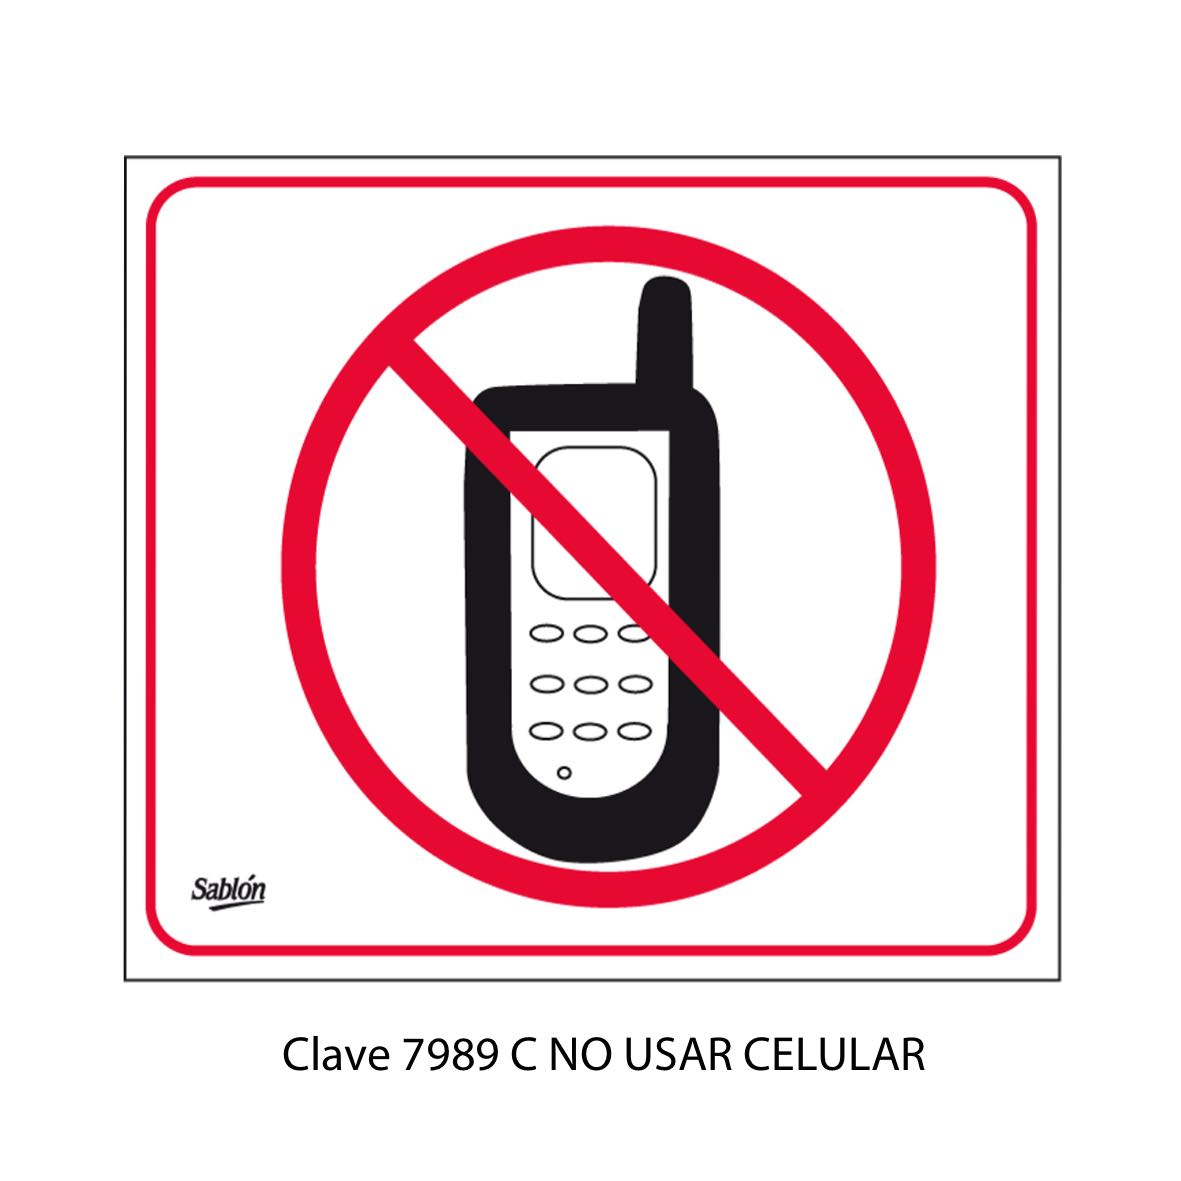 Señal No Usar Celular Modelo 7989 C - Sablón